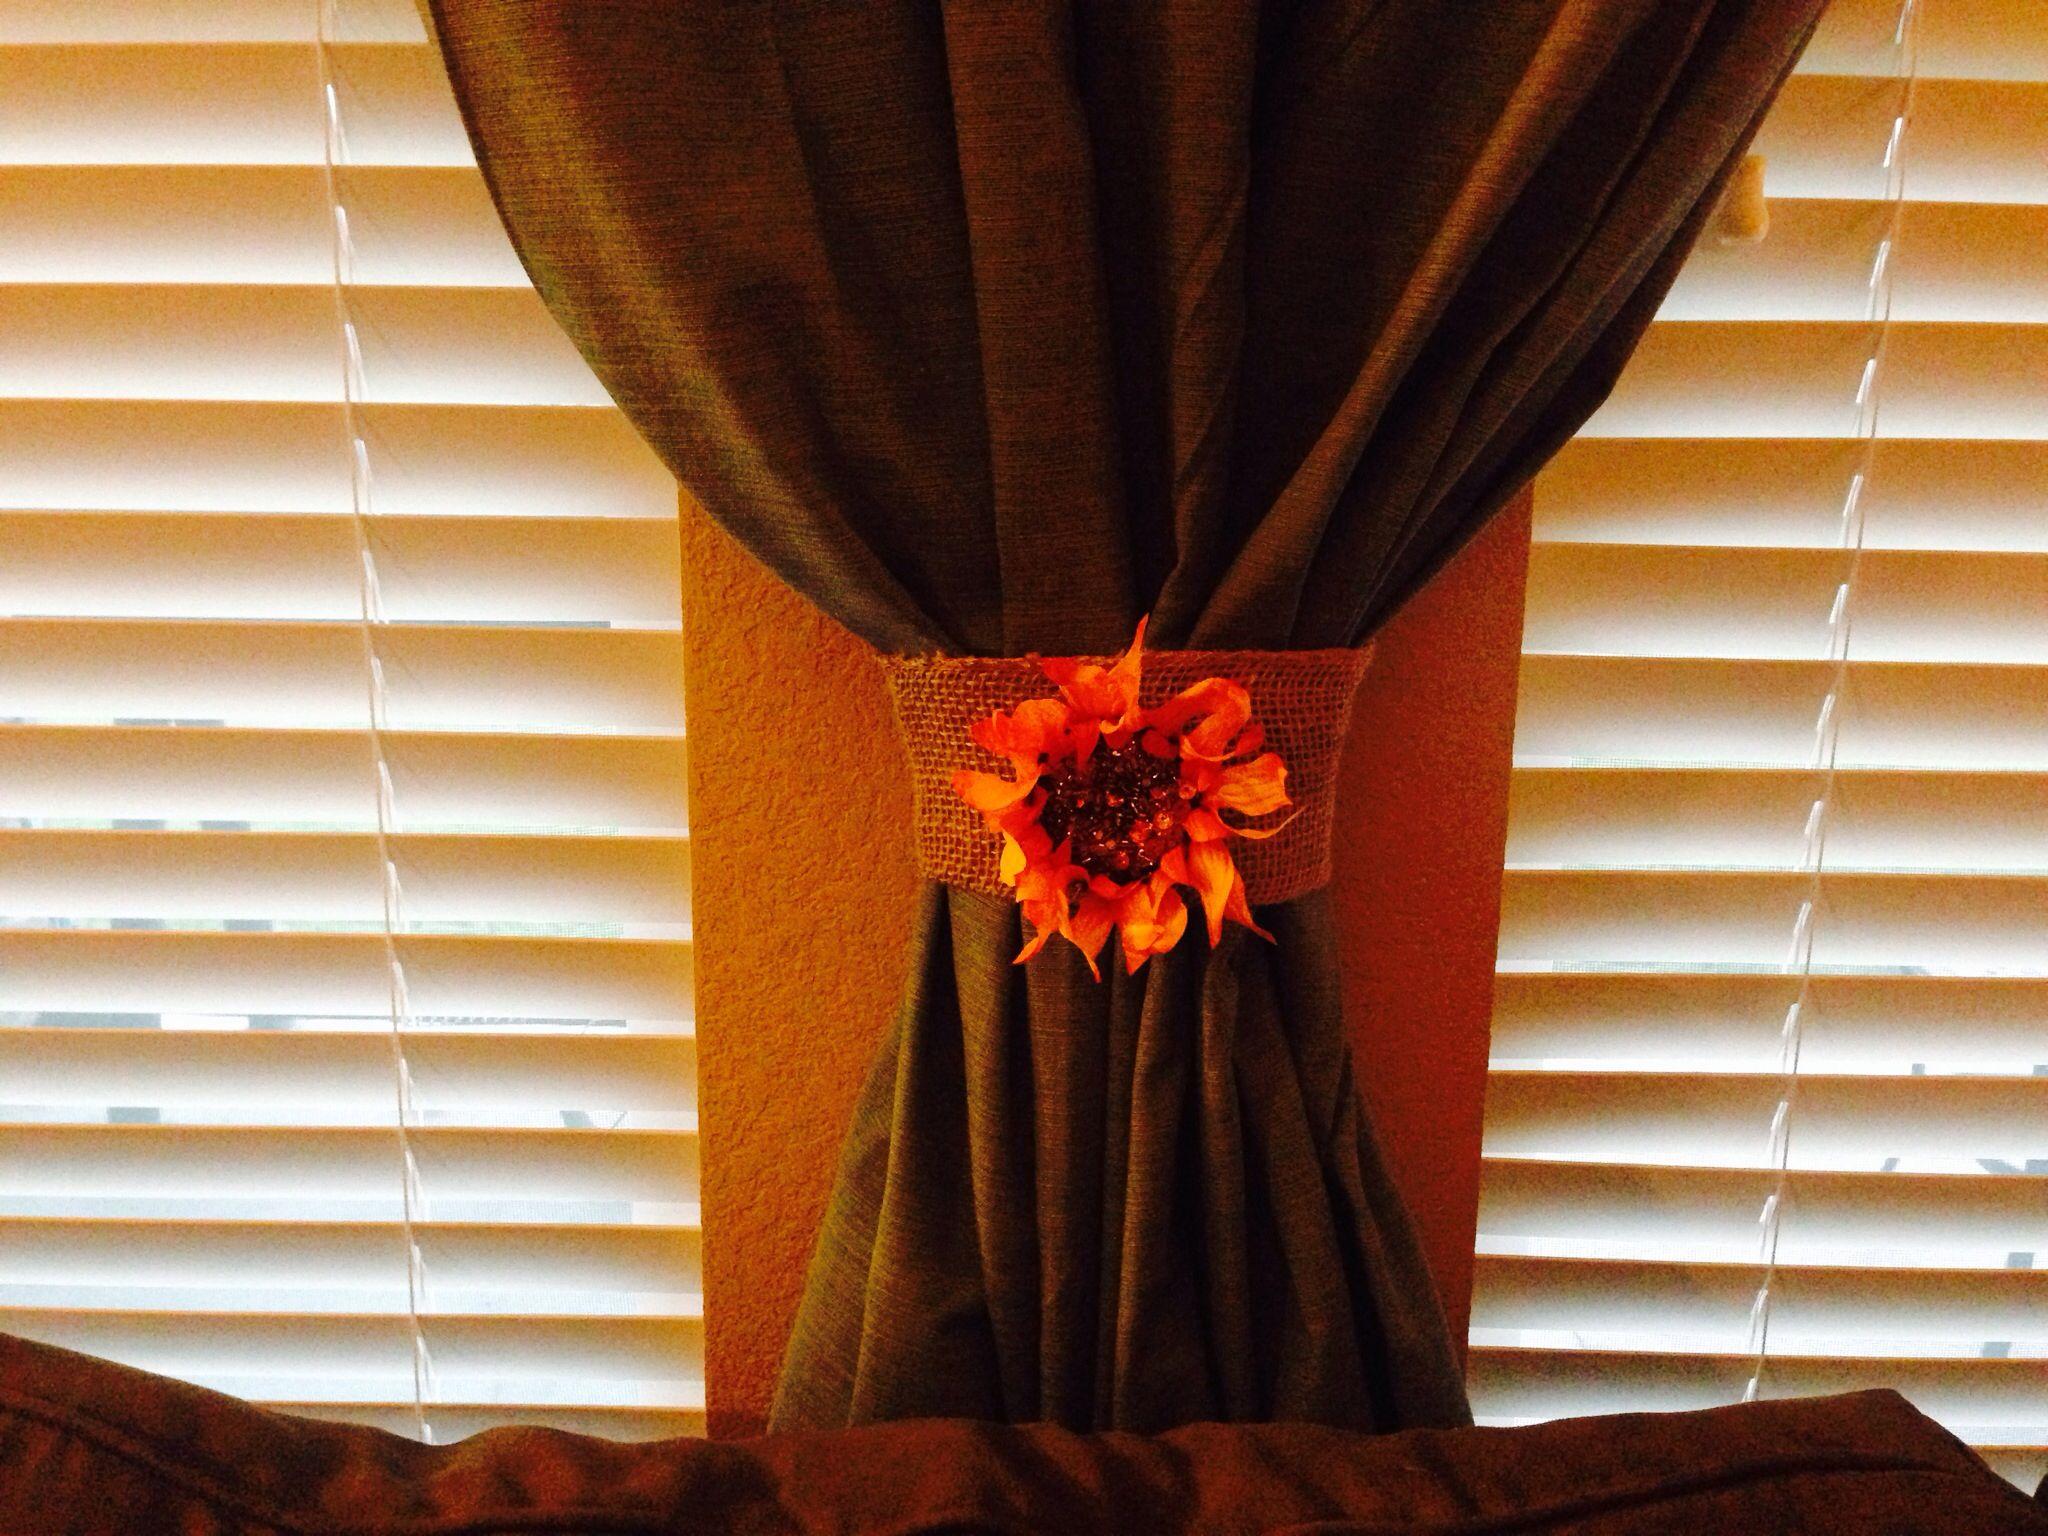 Burlap curtain holder